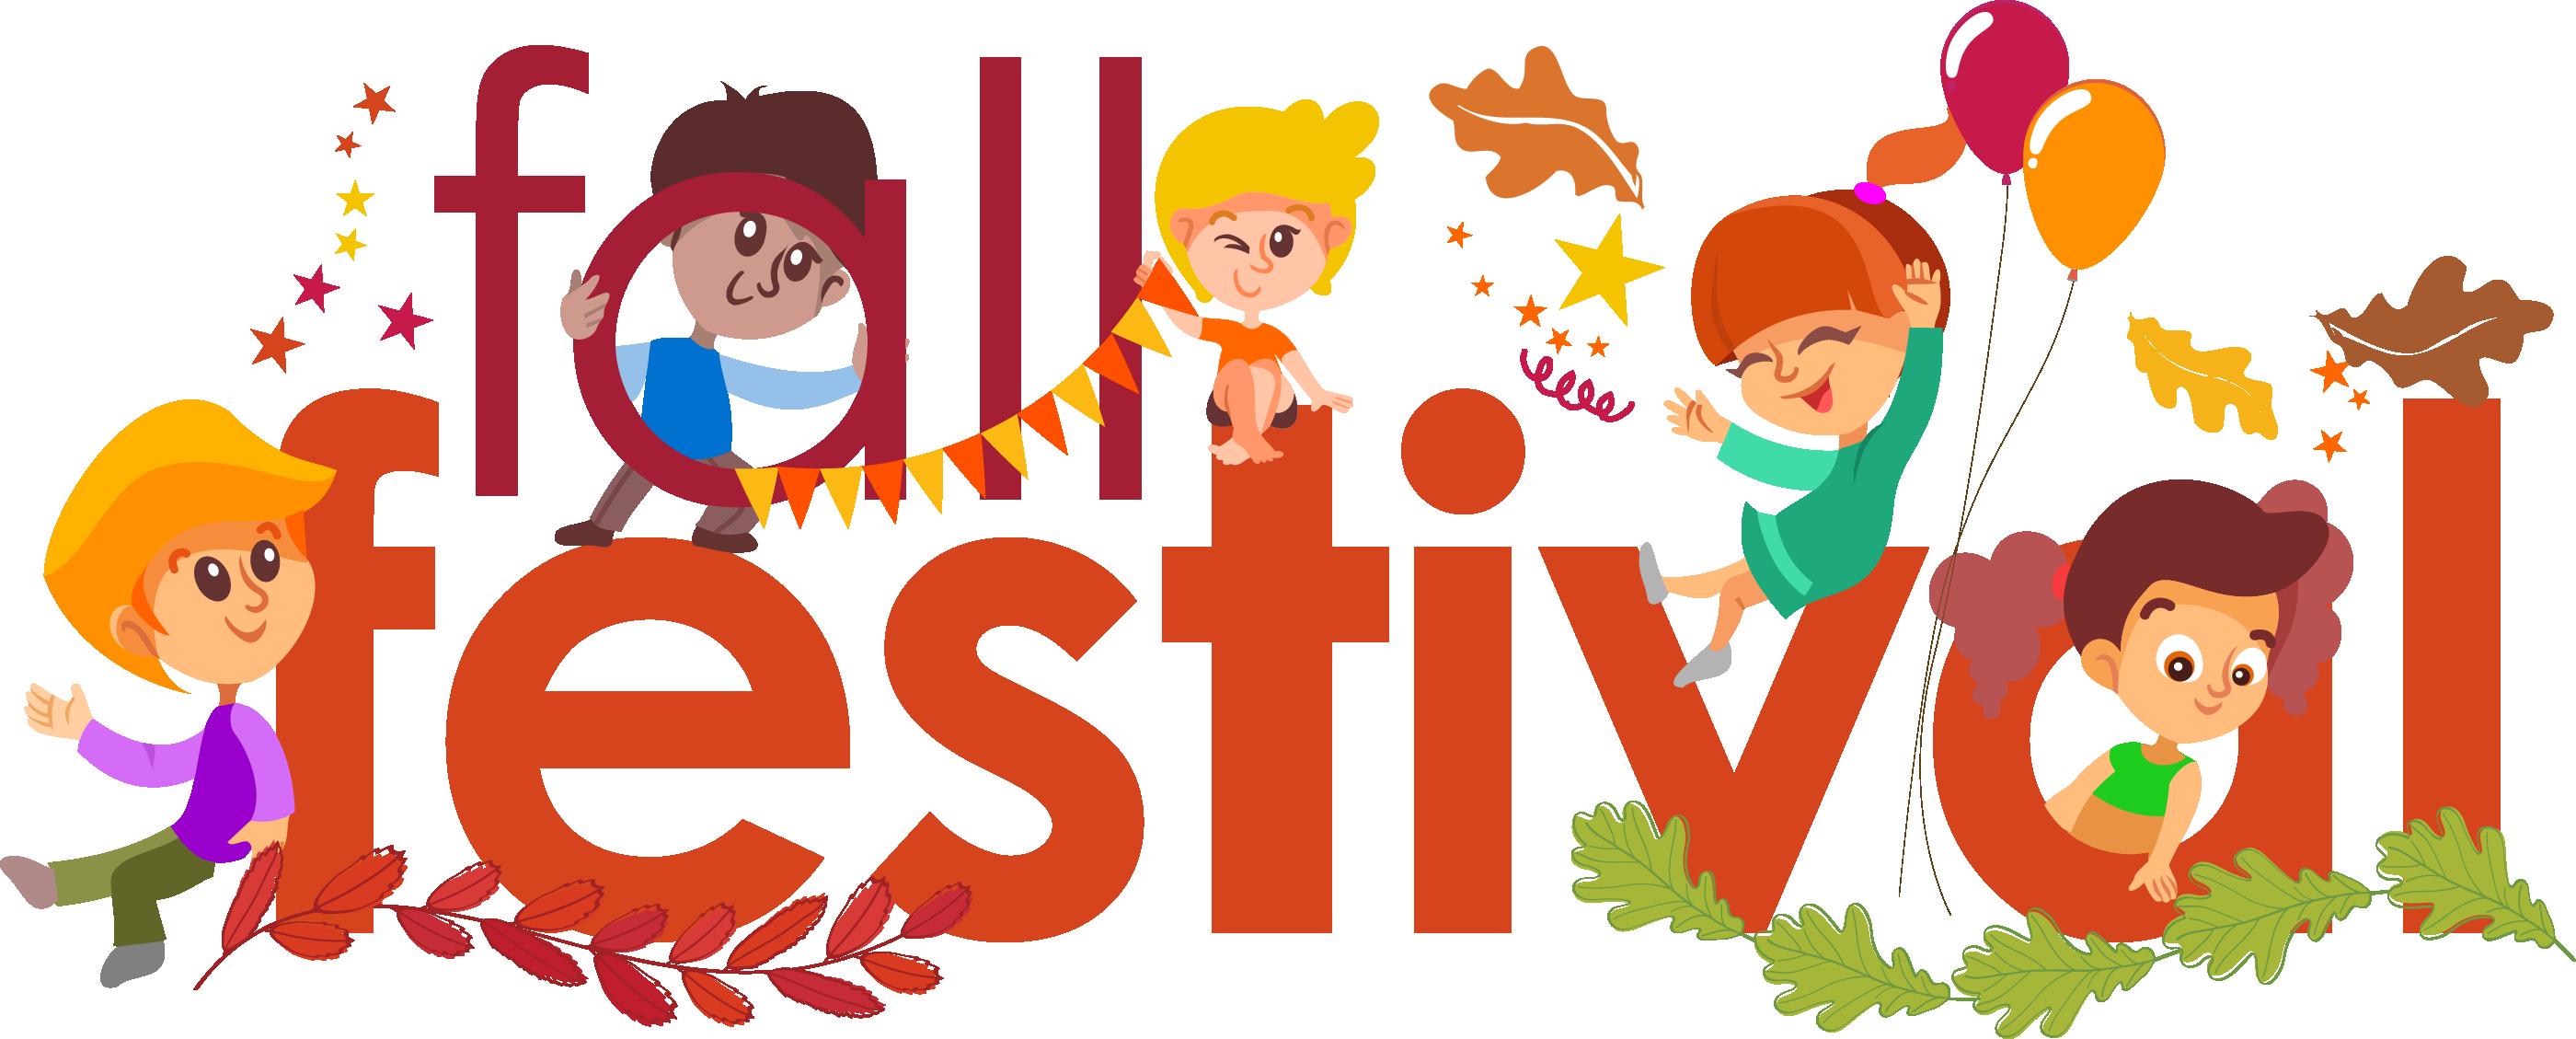 October clipart fall festival, October fall festival.